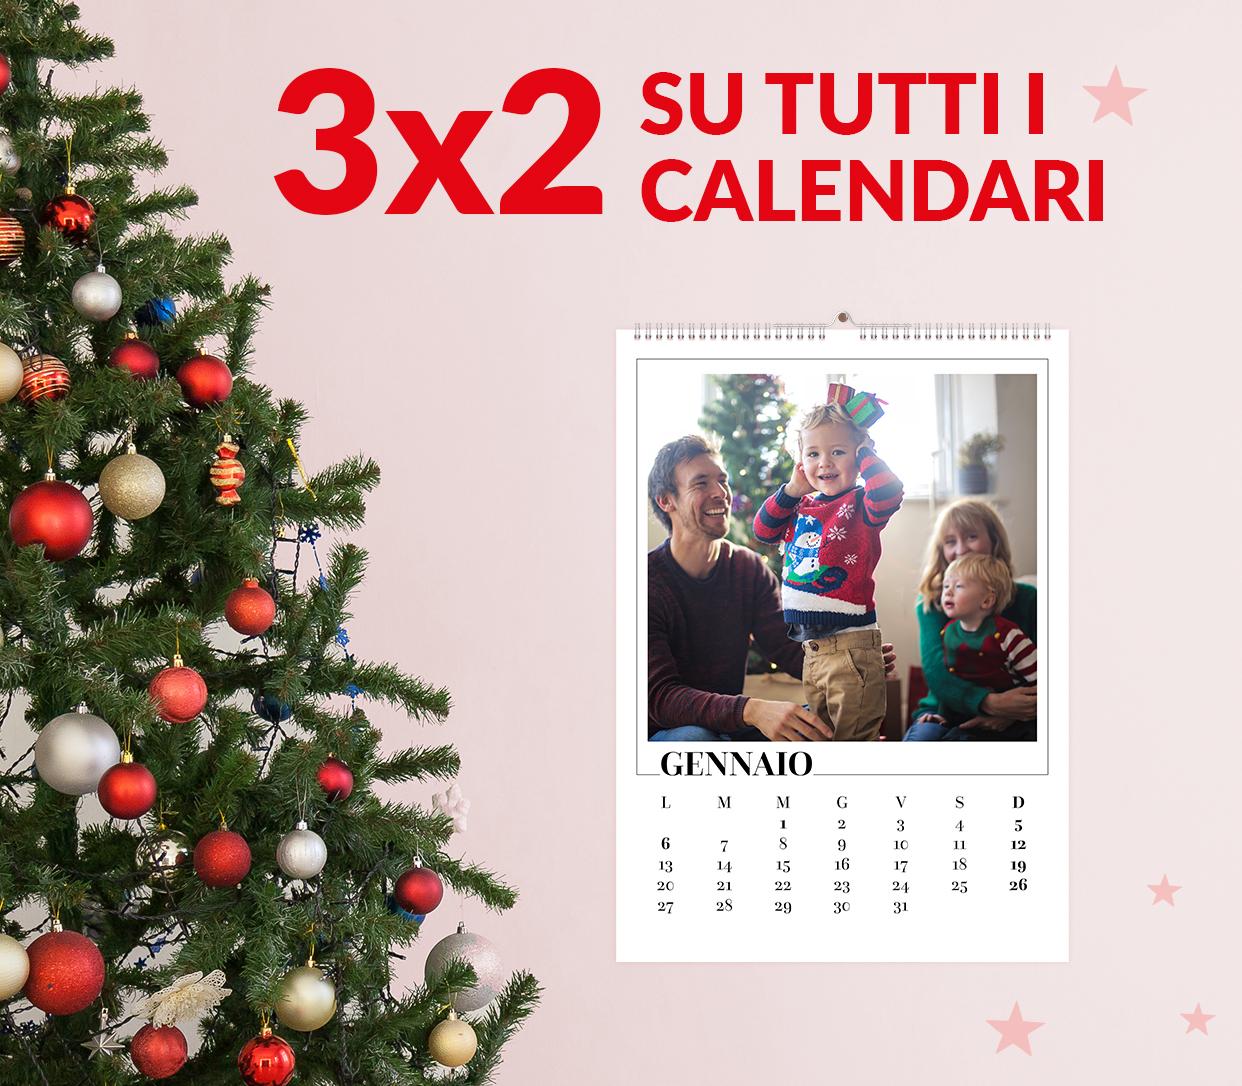 3x2 su tutti i Calendari. Il meno caro è in omaggio.